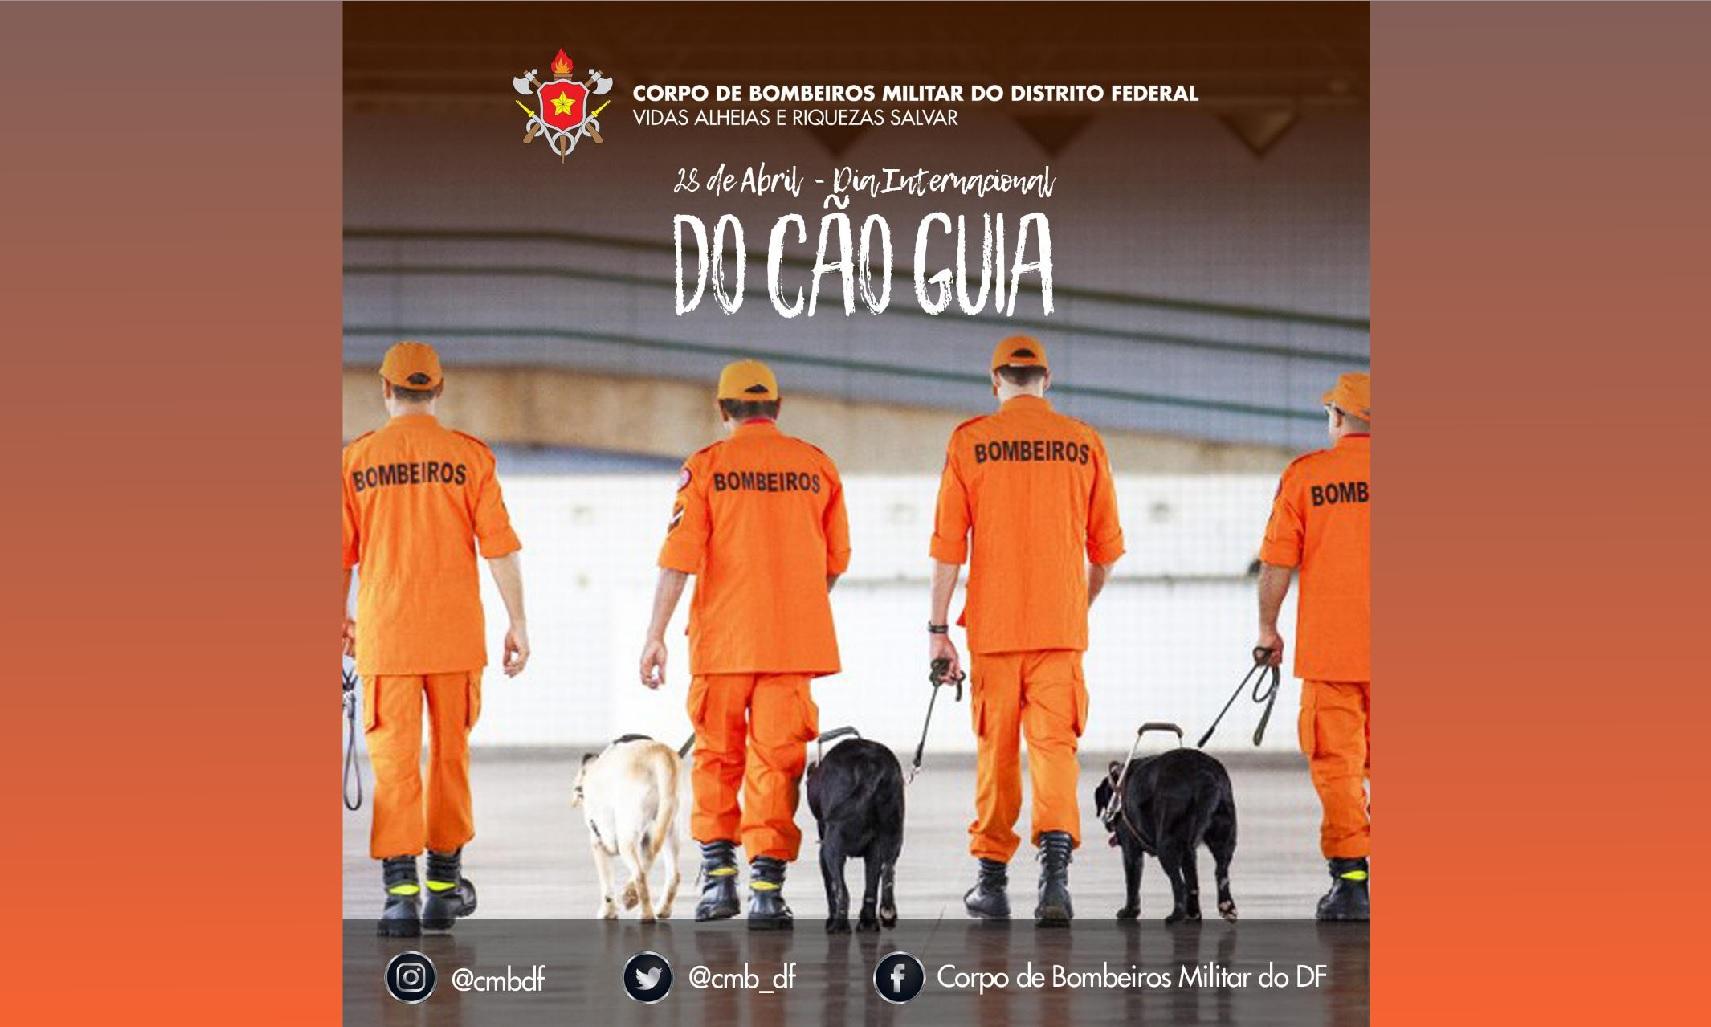 Dia internacional do Cão Guia – 28 de abril